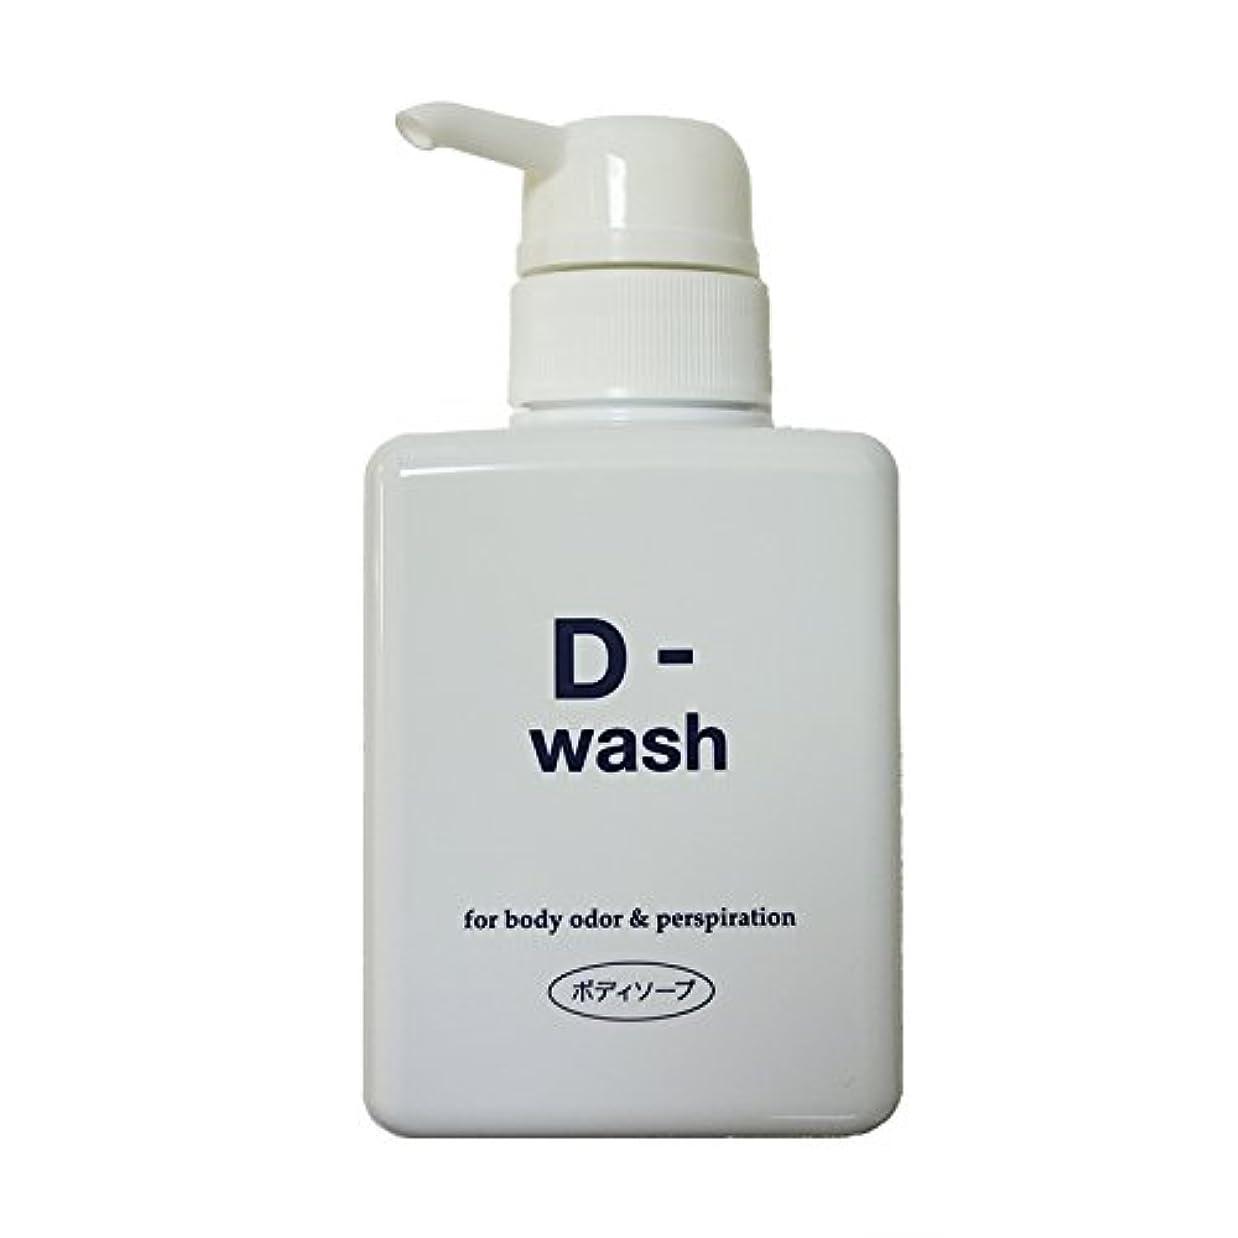 ローンコンサートボイラーディーウォッシュ(D-wash)